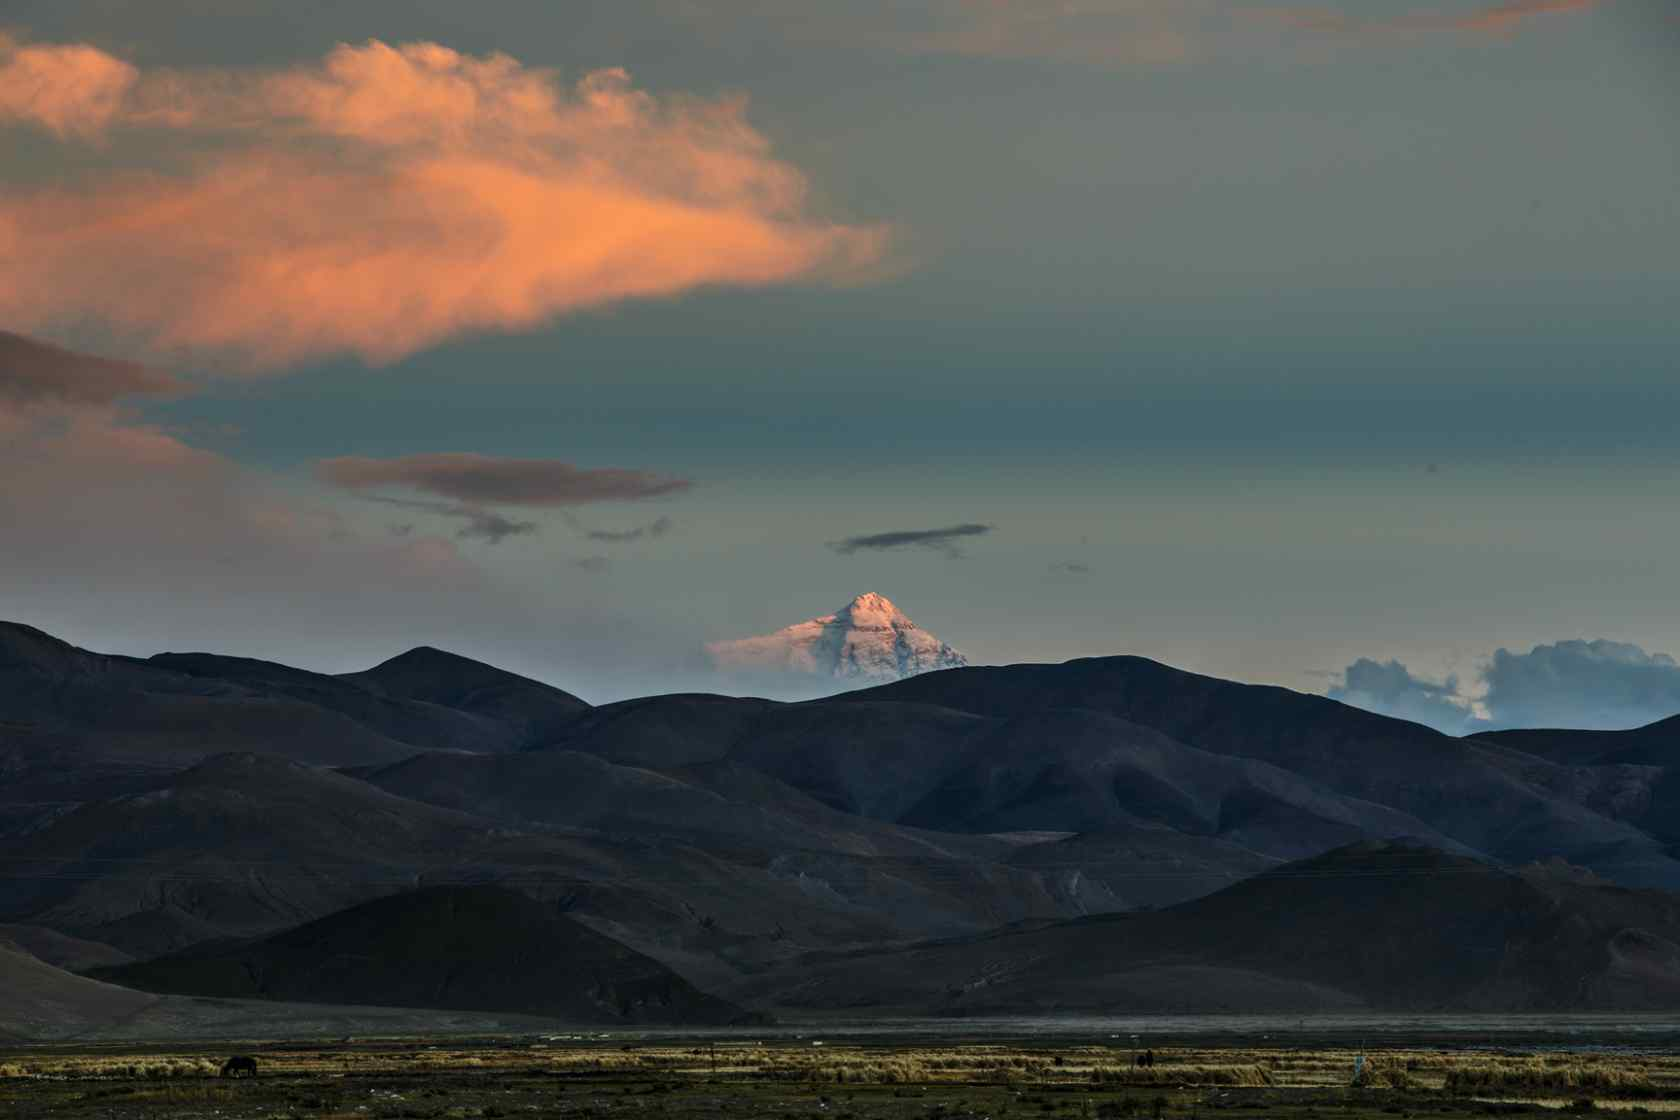 珠穆朗玛峰日落云彩壁纸风景图片下载